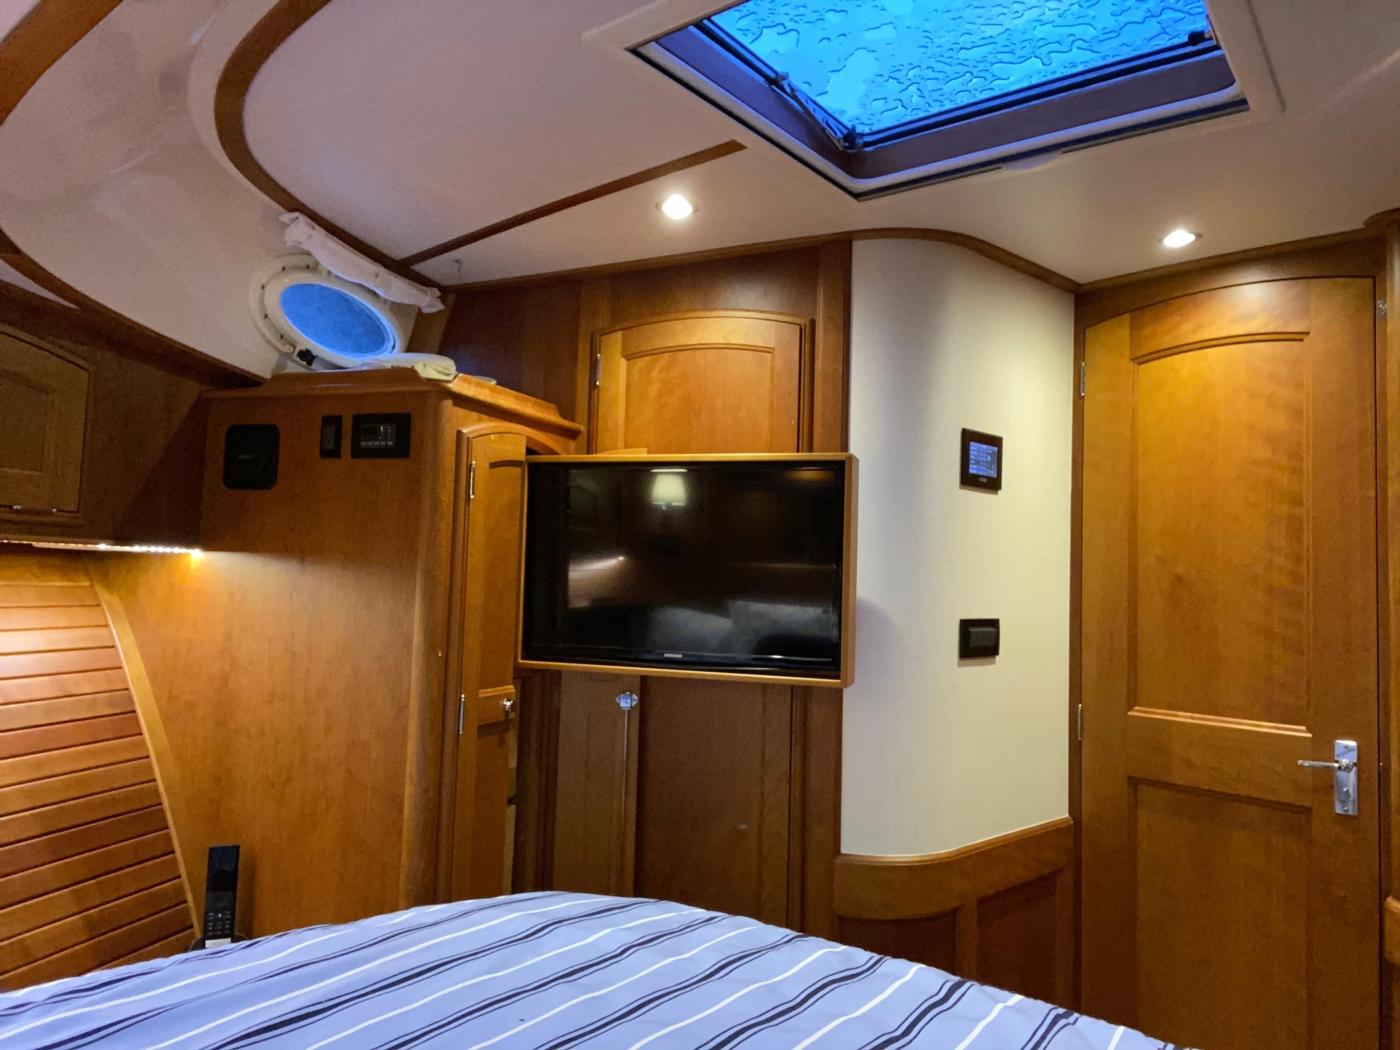 2018 Hinckley Talaria 48 MKII, Master cabin TV